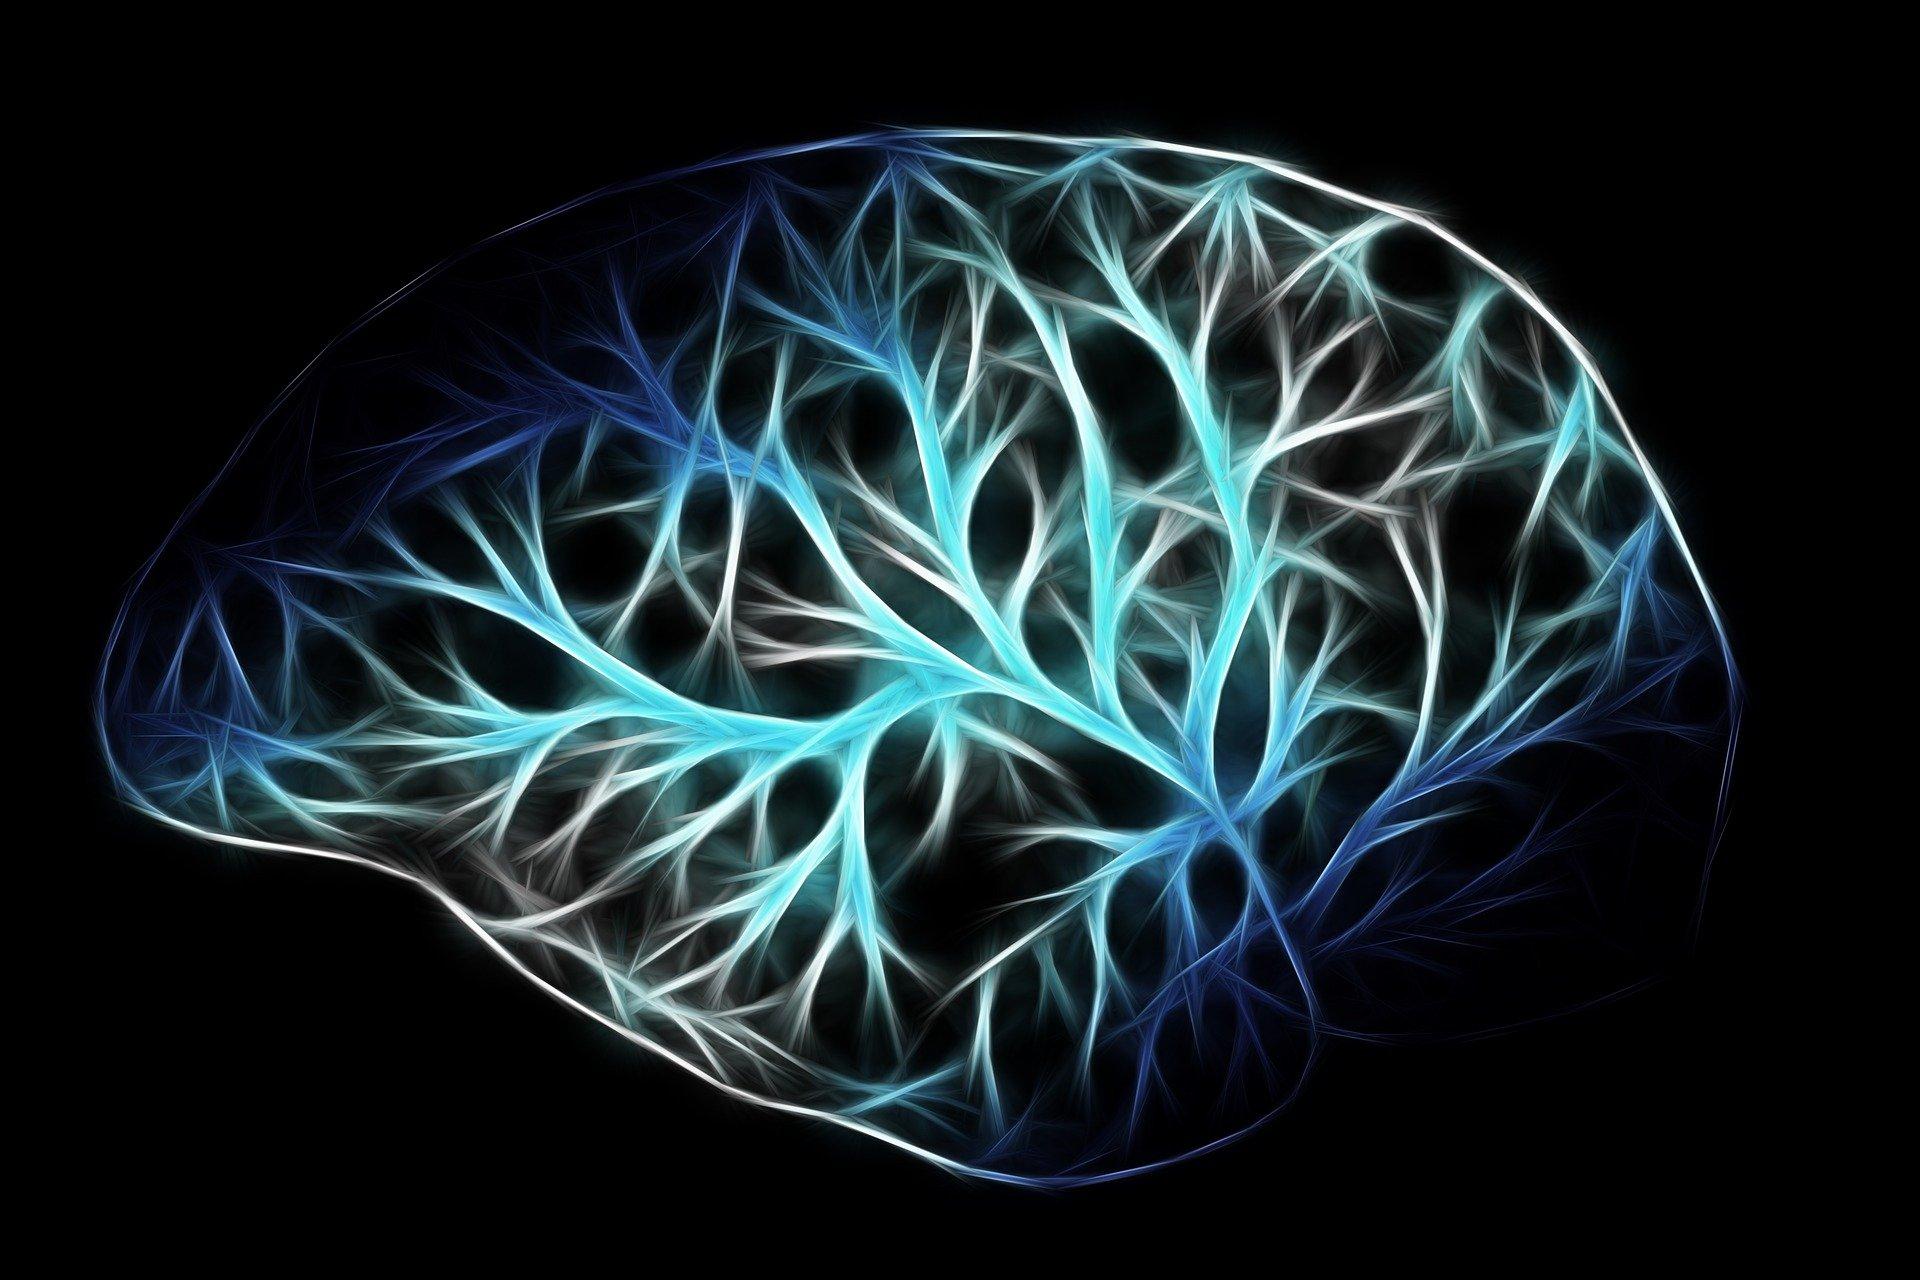 Ученые выяснили главную причину старения мозга.